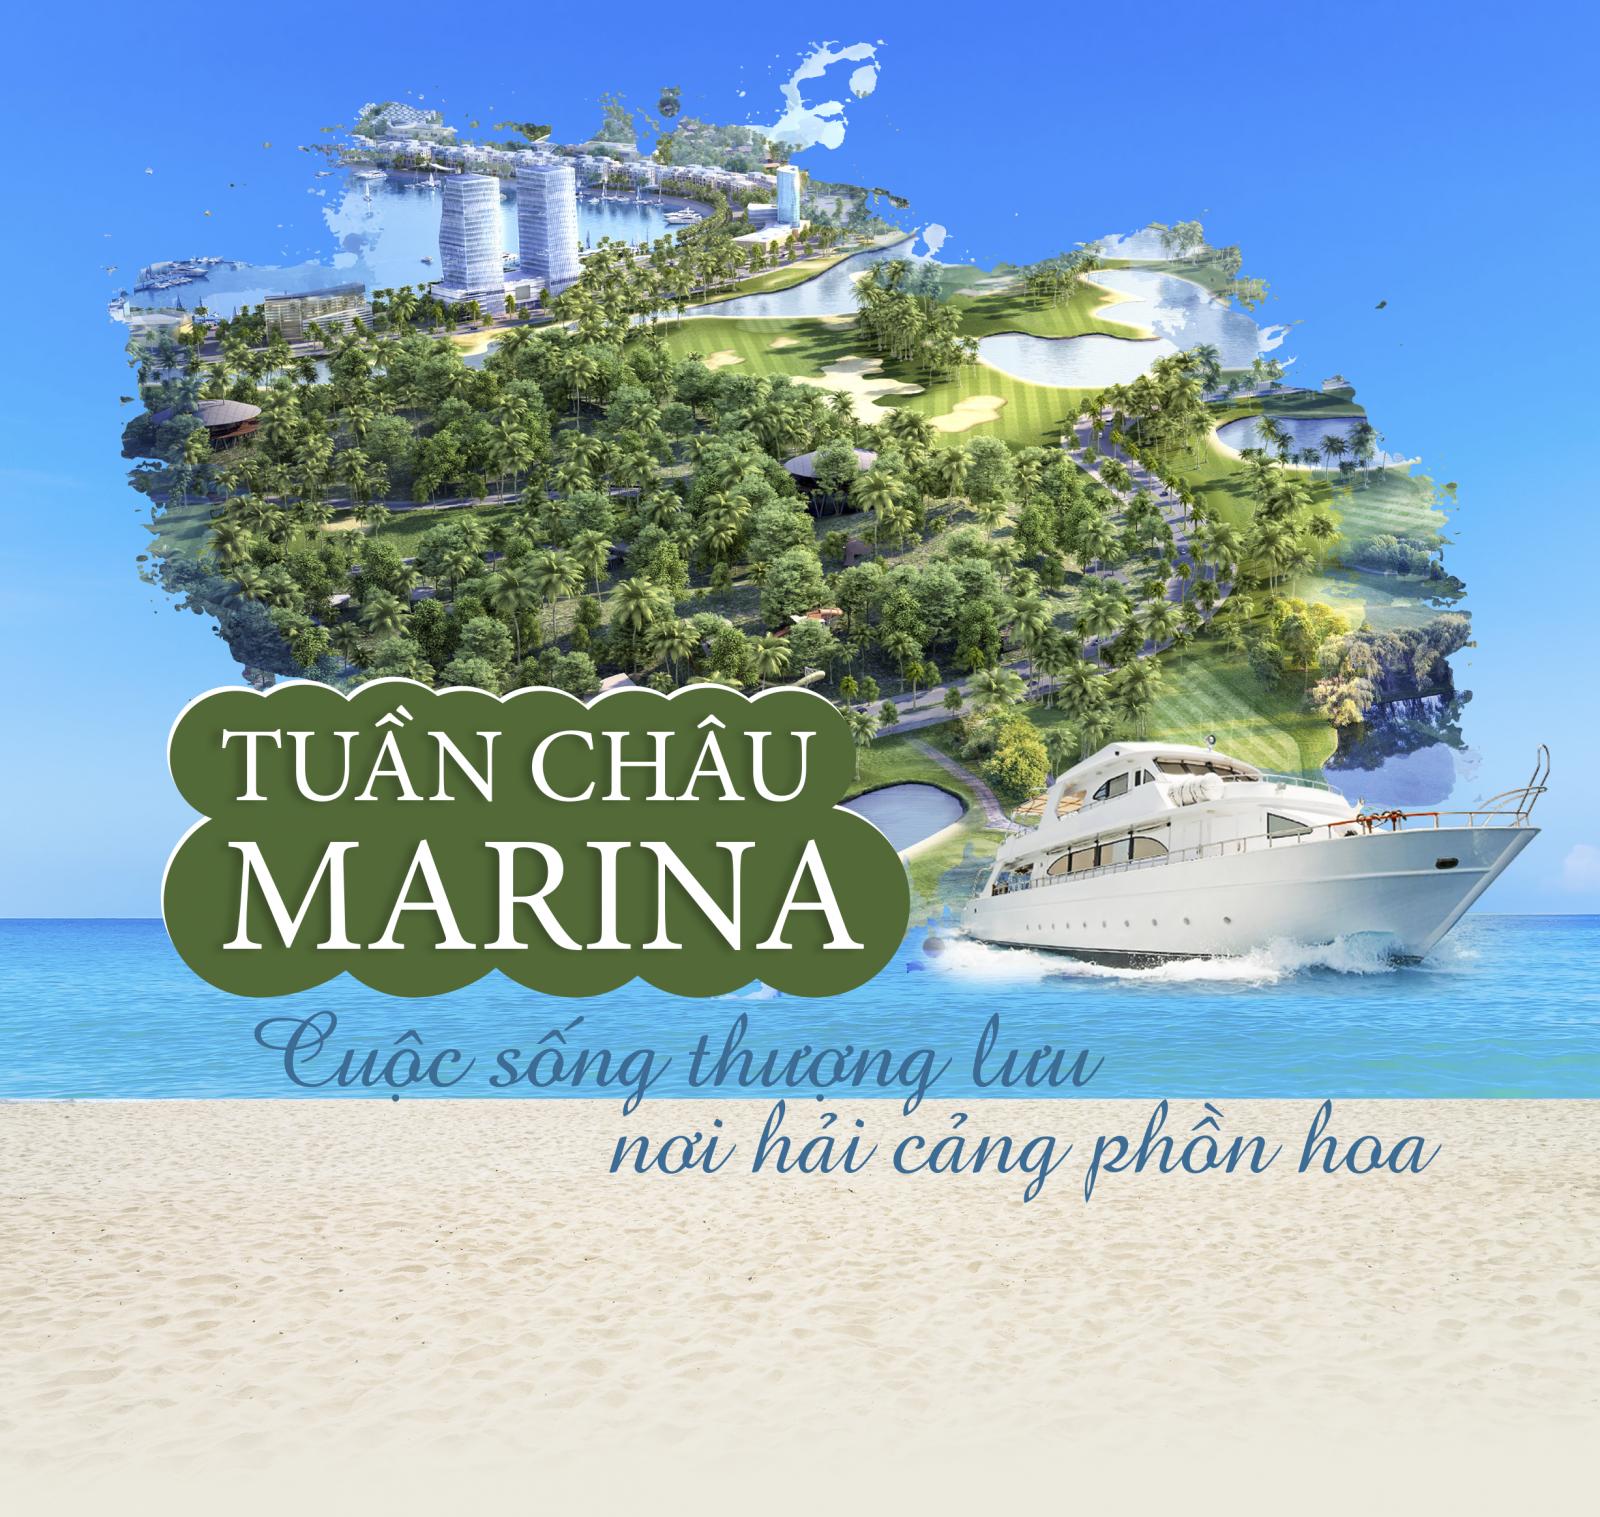 Tuần Châu Marina: Cuộc sống thượng lưu nơi hải cảng phồn hoa